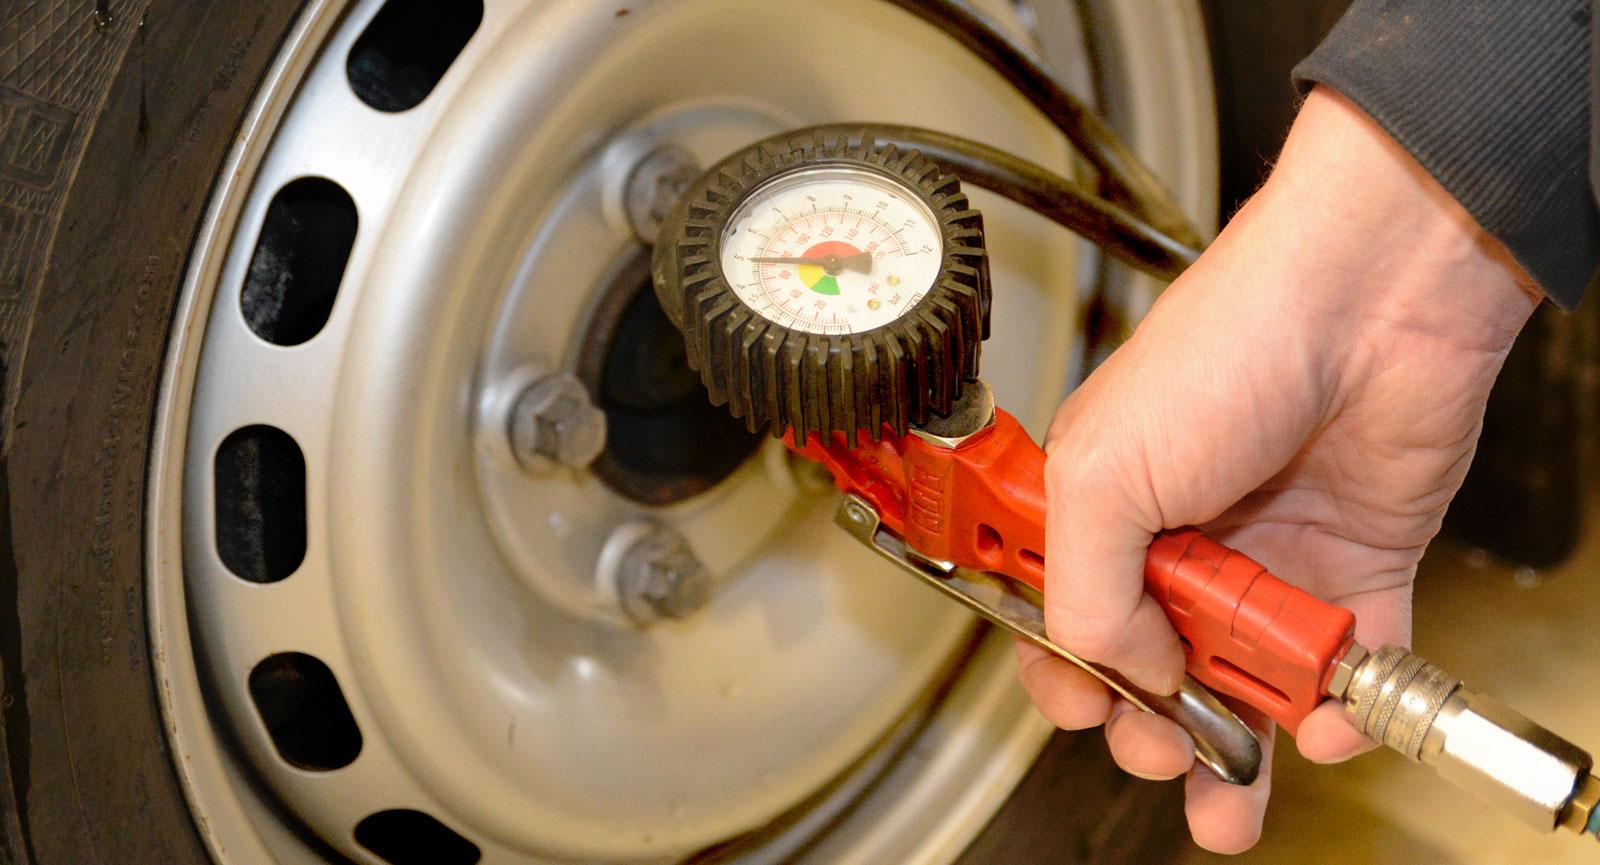 Mät lufttrycket i däcken och kontrollera mönsterdjupet.